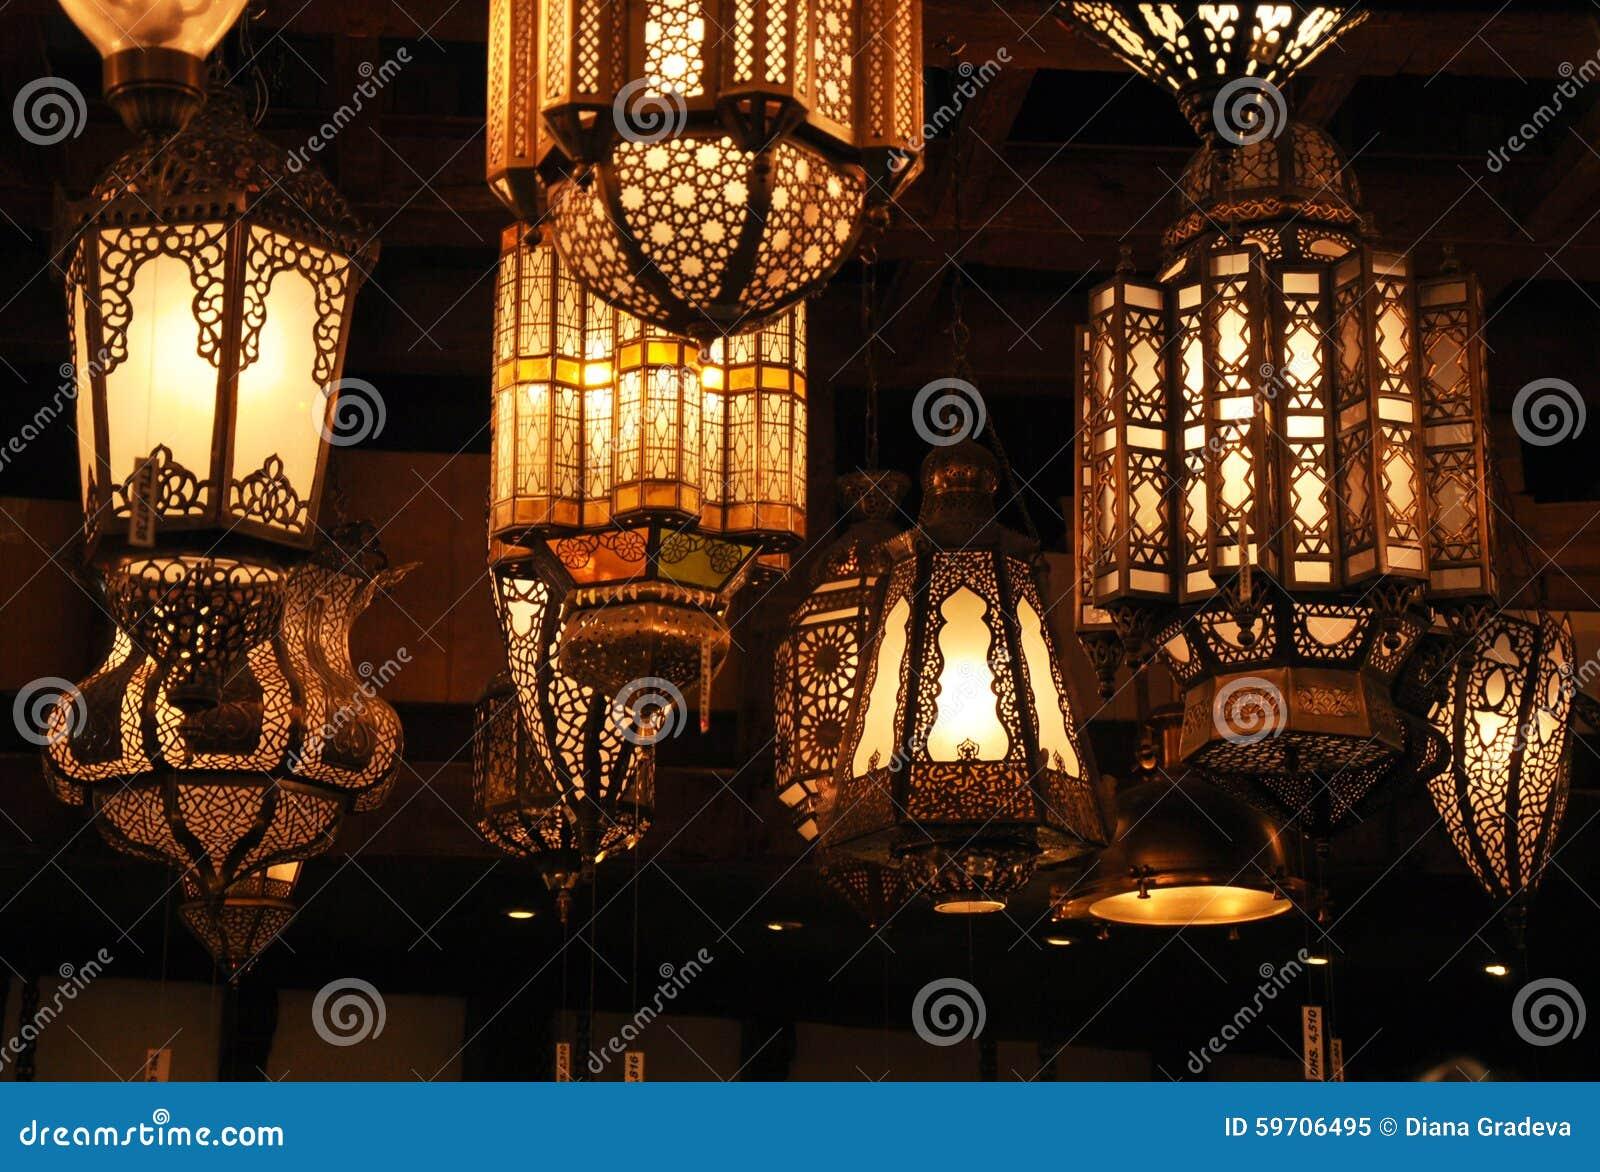 Souk In Abu Dhabi, UAE stock image  Image of light, vacation - 59706495